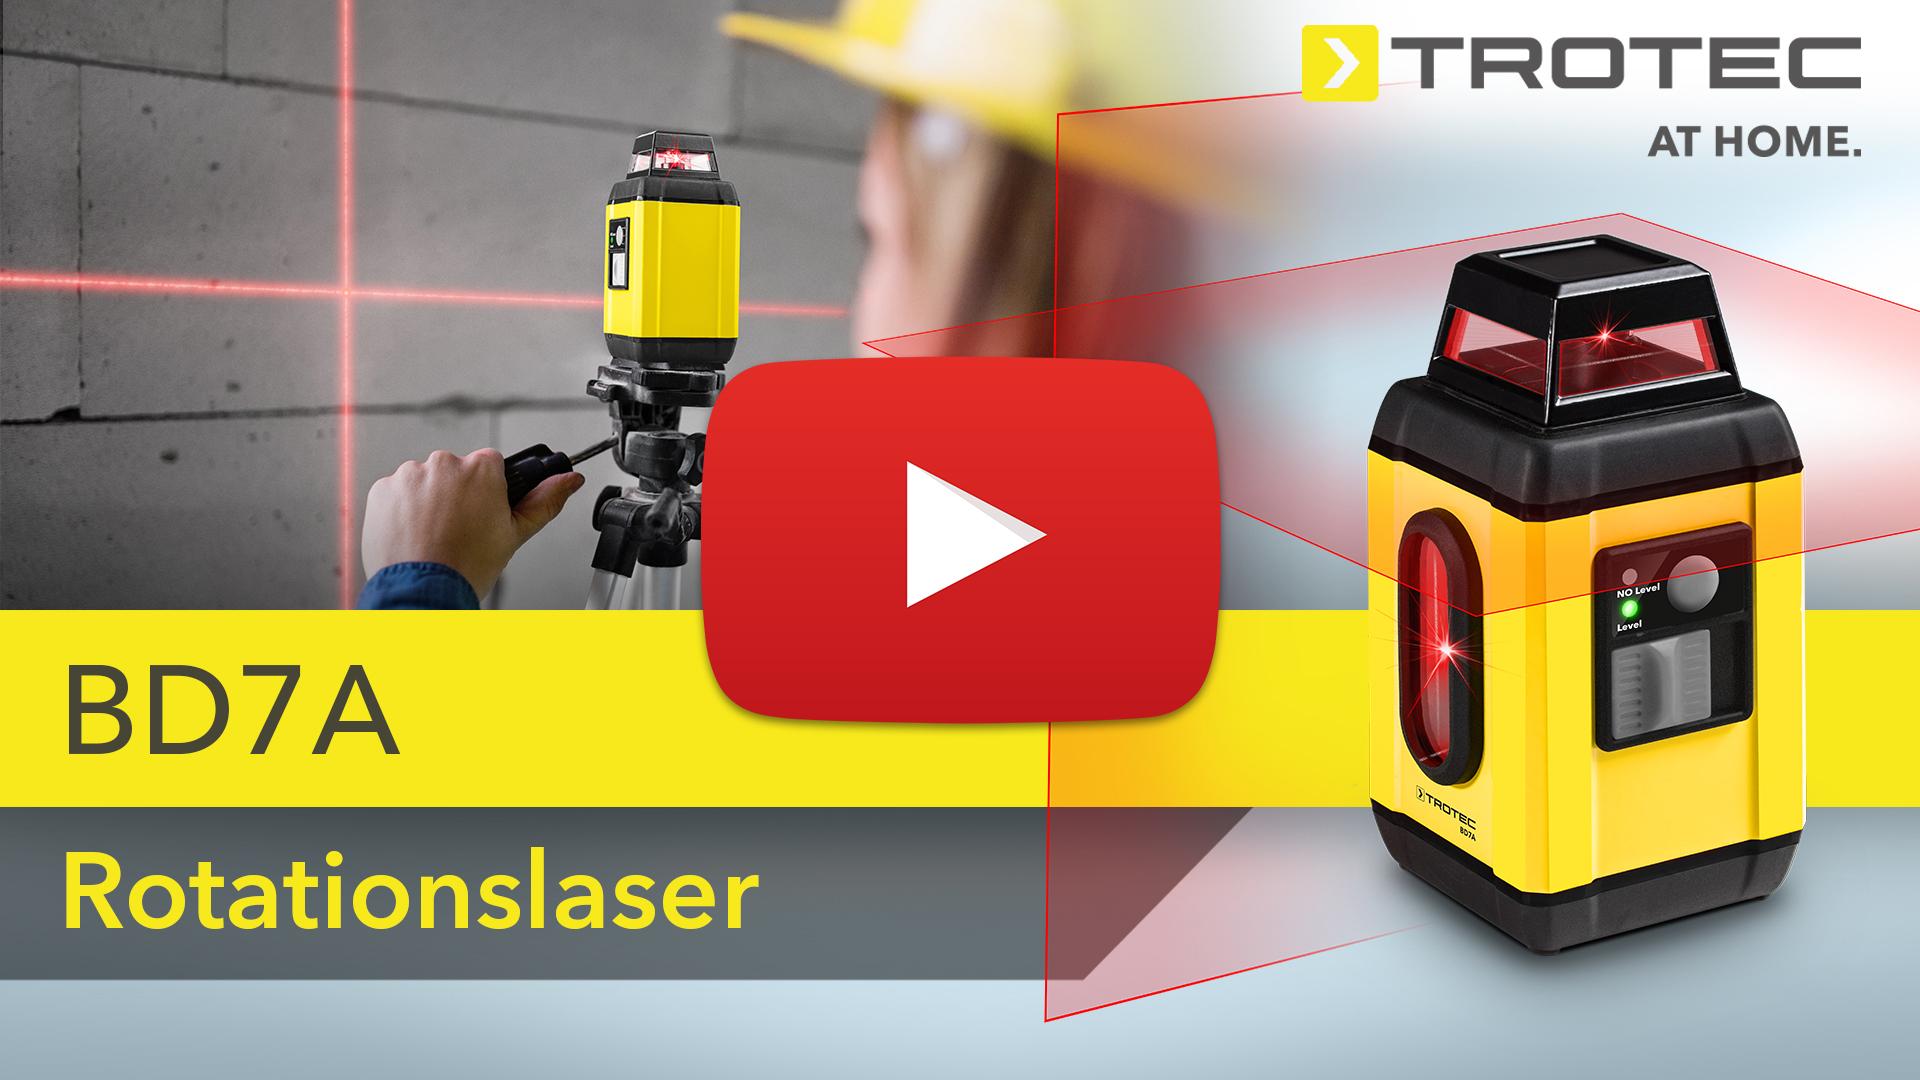 Laser Entfernungsmesser Datenlogger : Rotationslaser bd a trotec